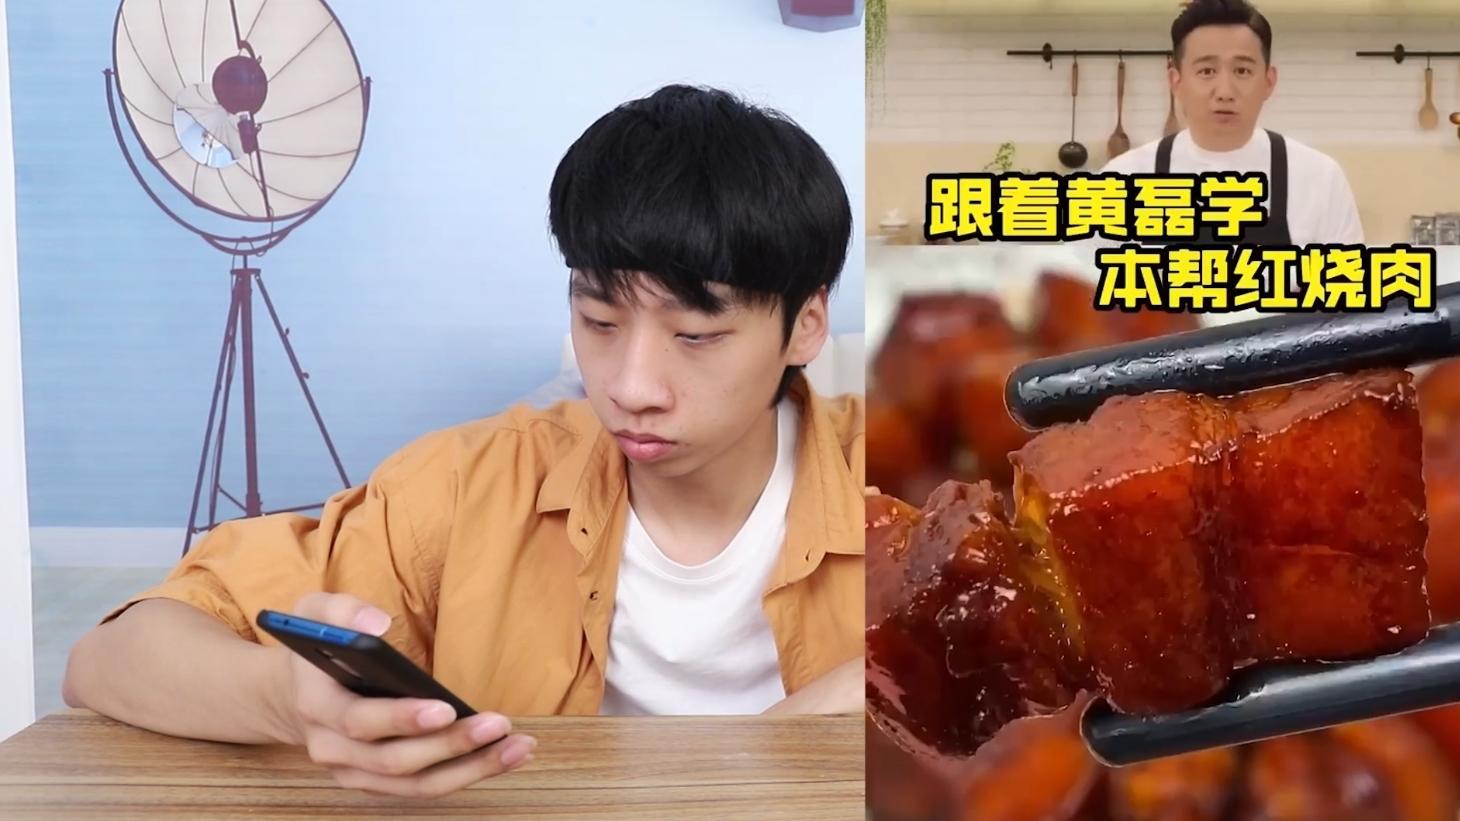 跟黄磊老师学的本帮红烧肉真的好吃吗?帅小伙光制作就用了一瓶酒